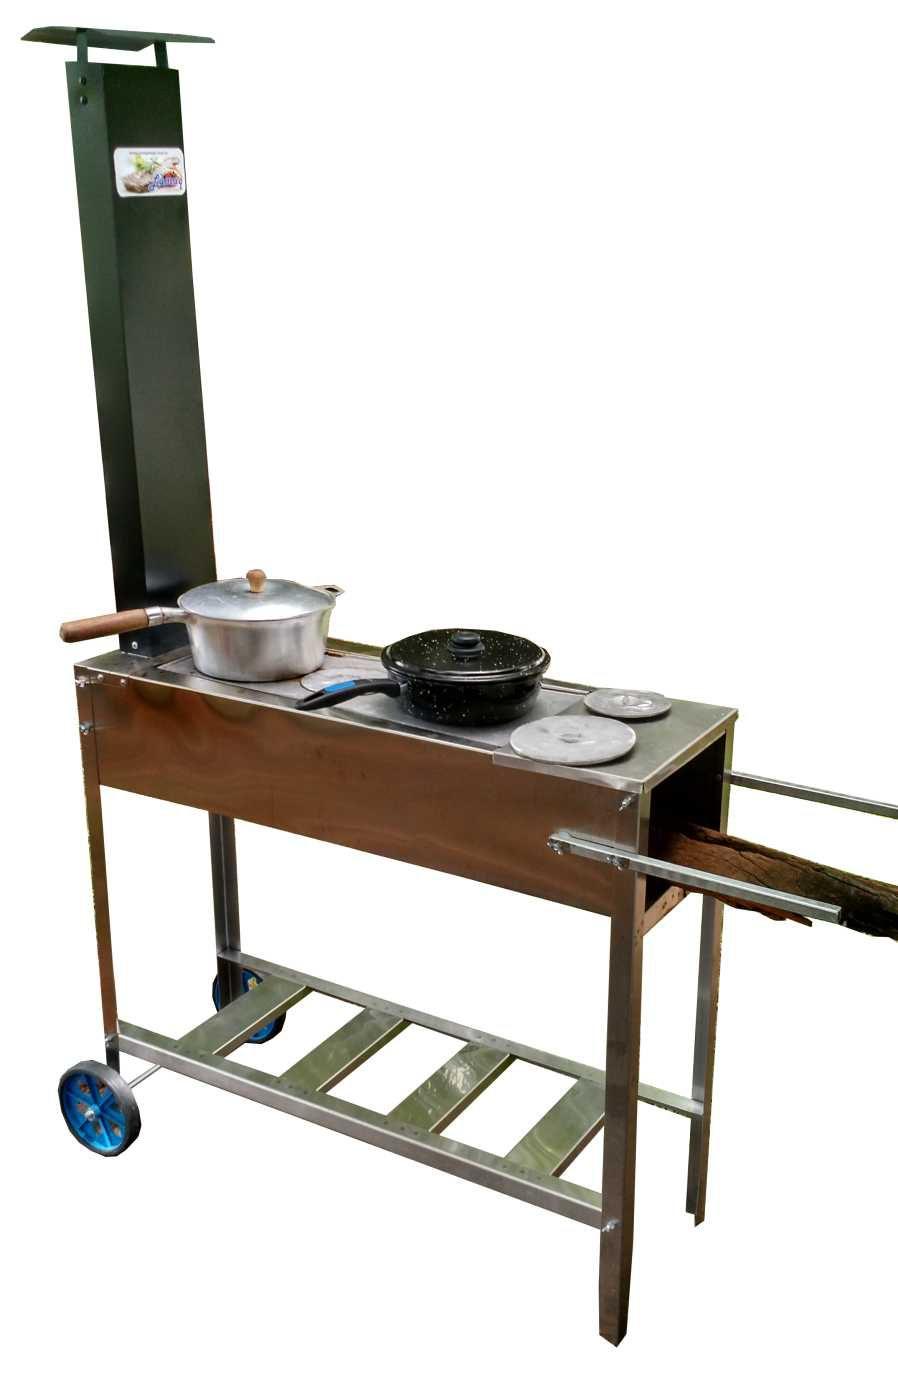 Fogão a Lenha Portátil Inox 95x35 Com Chapa de Ferro Três Furos Rodas e Chaminé